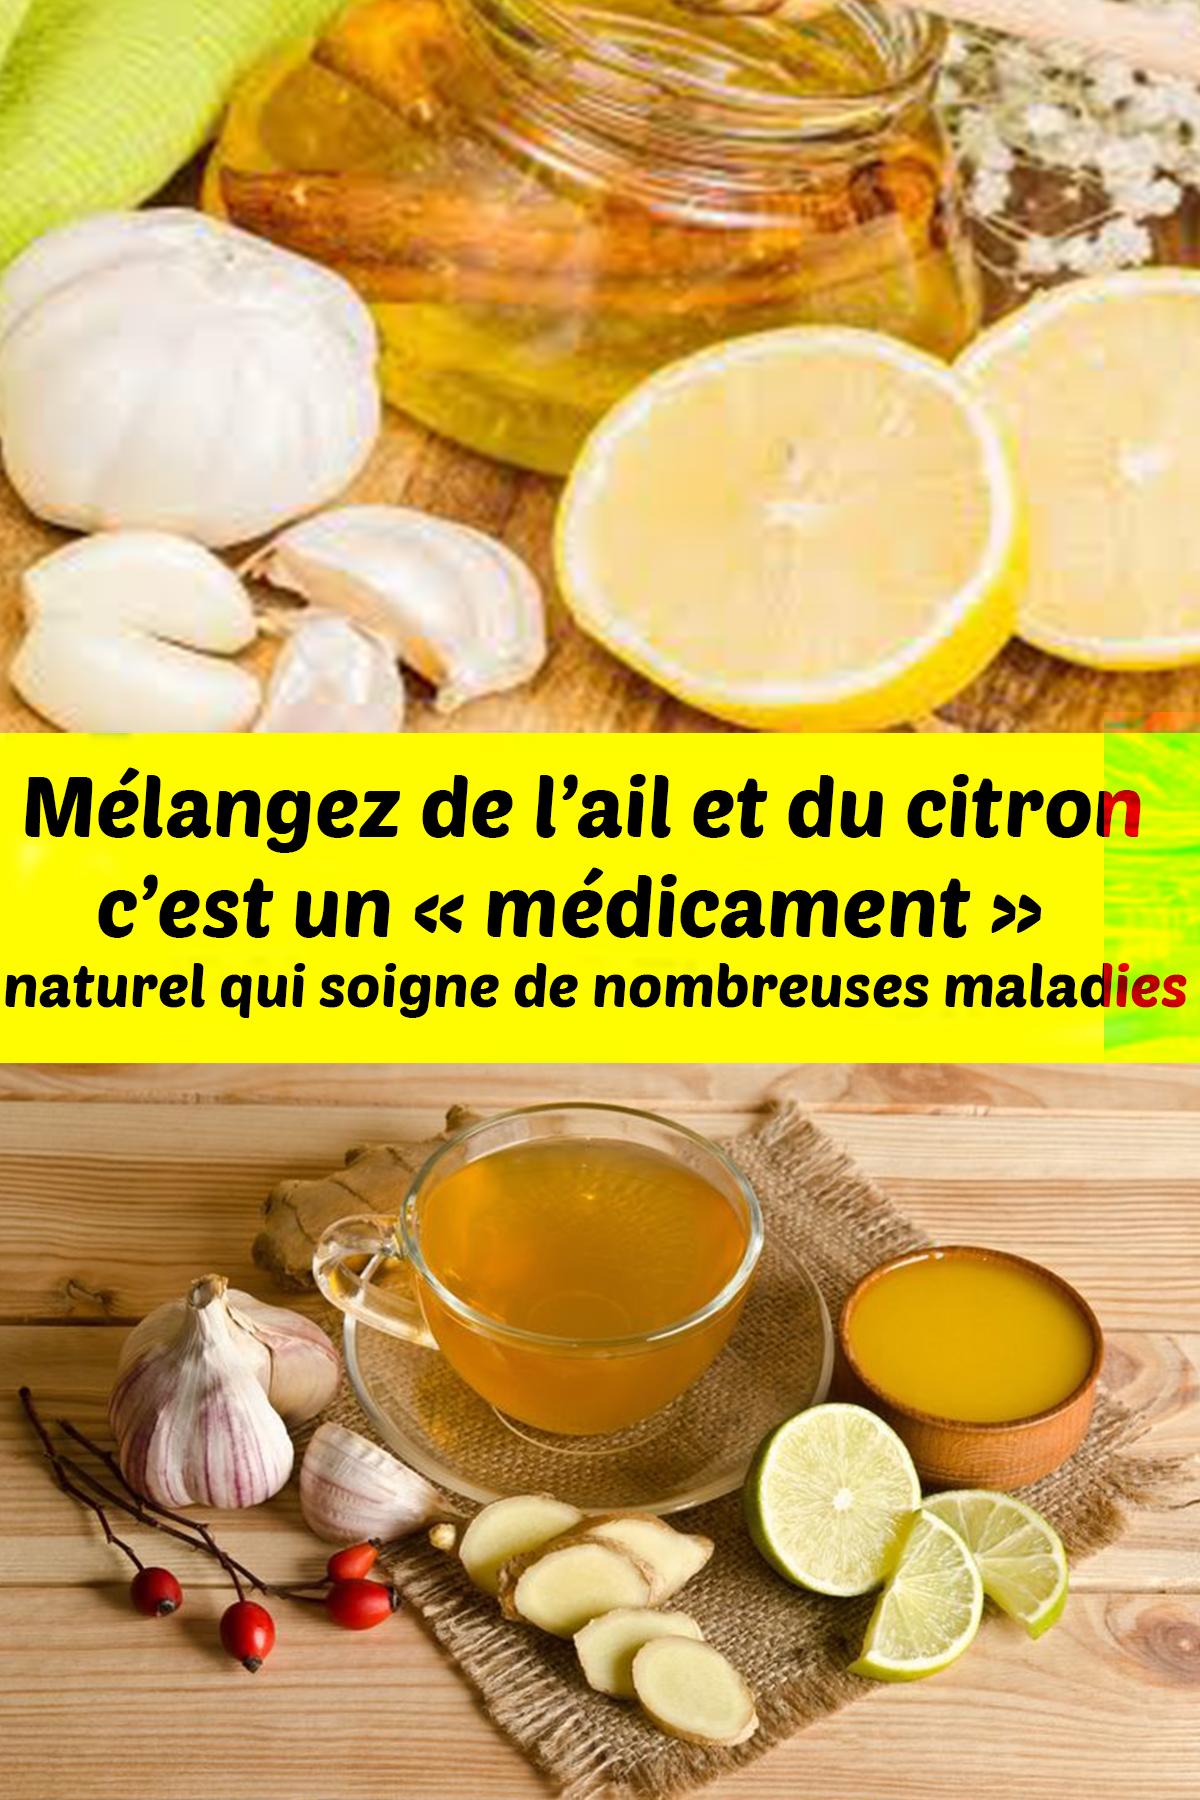 Mélangez de l'ail et du citron, c'est un « médicament